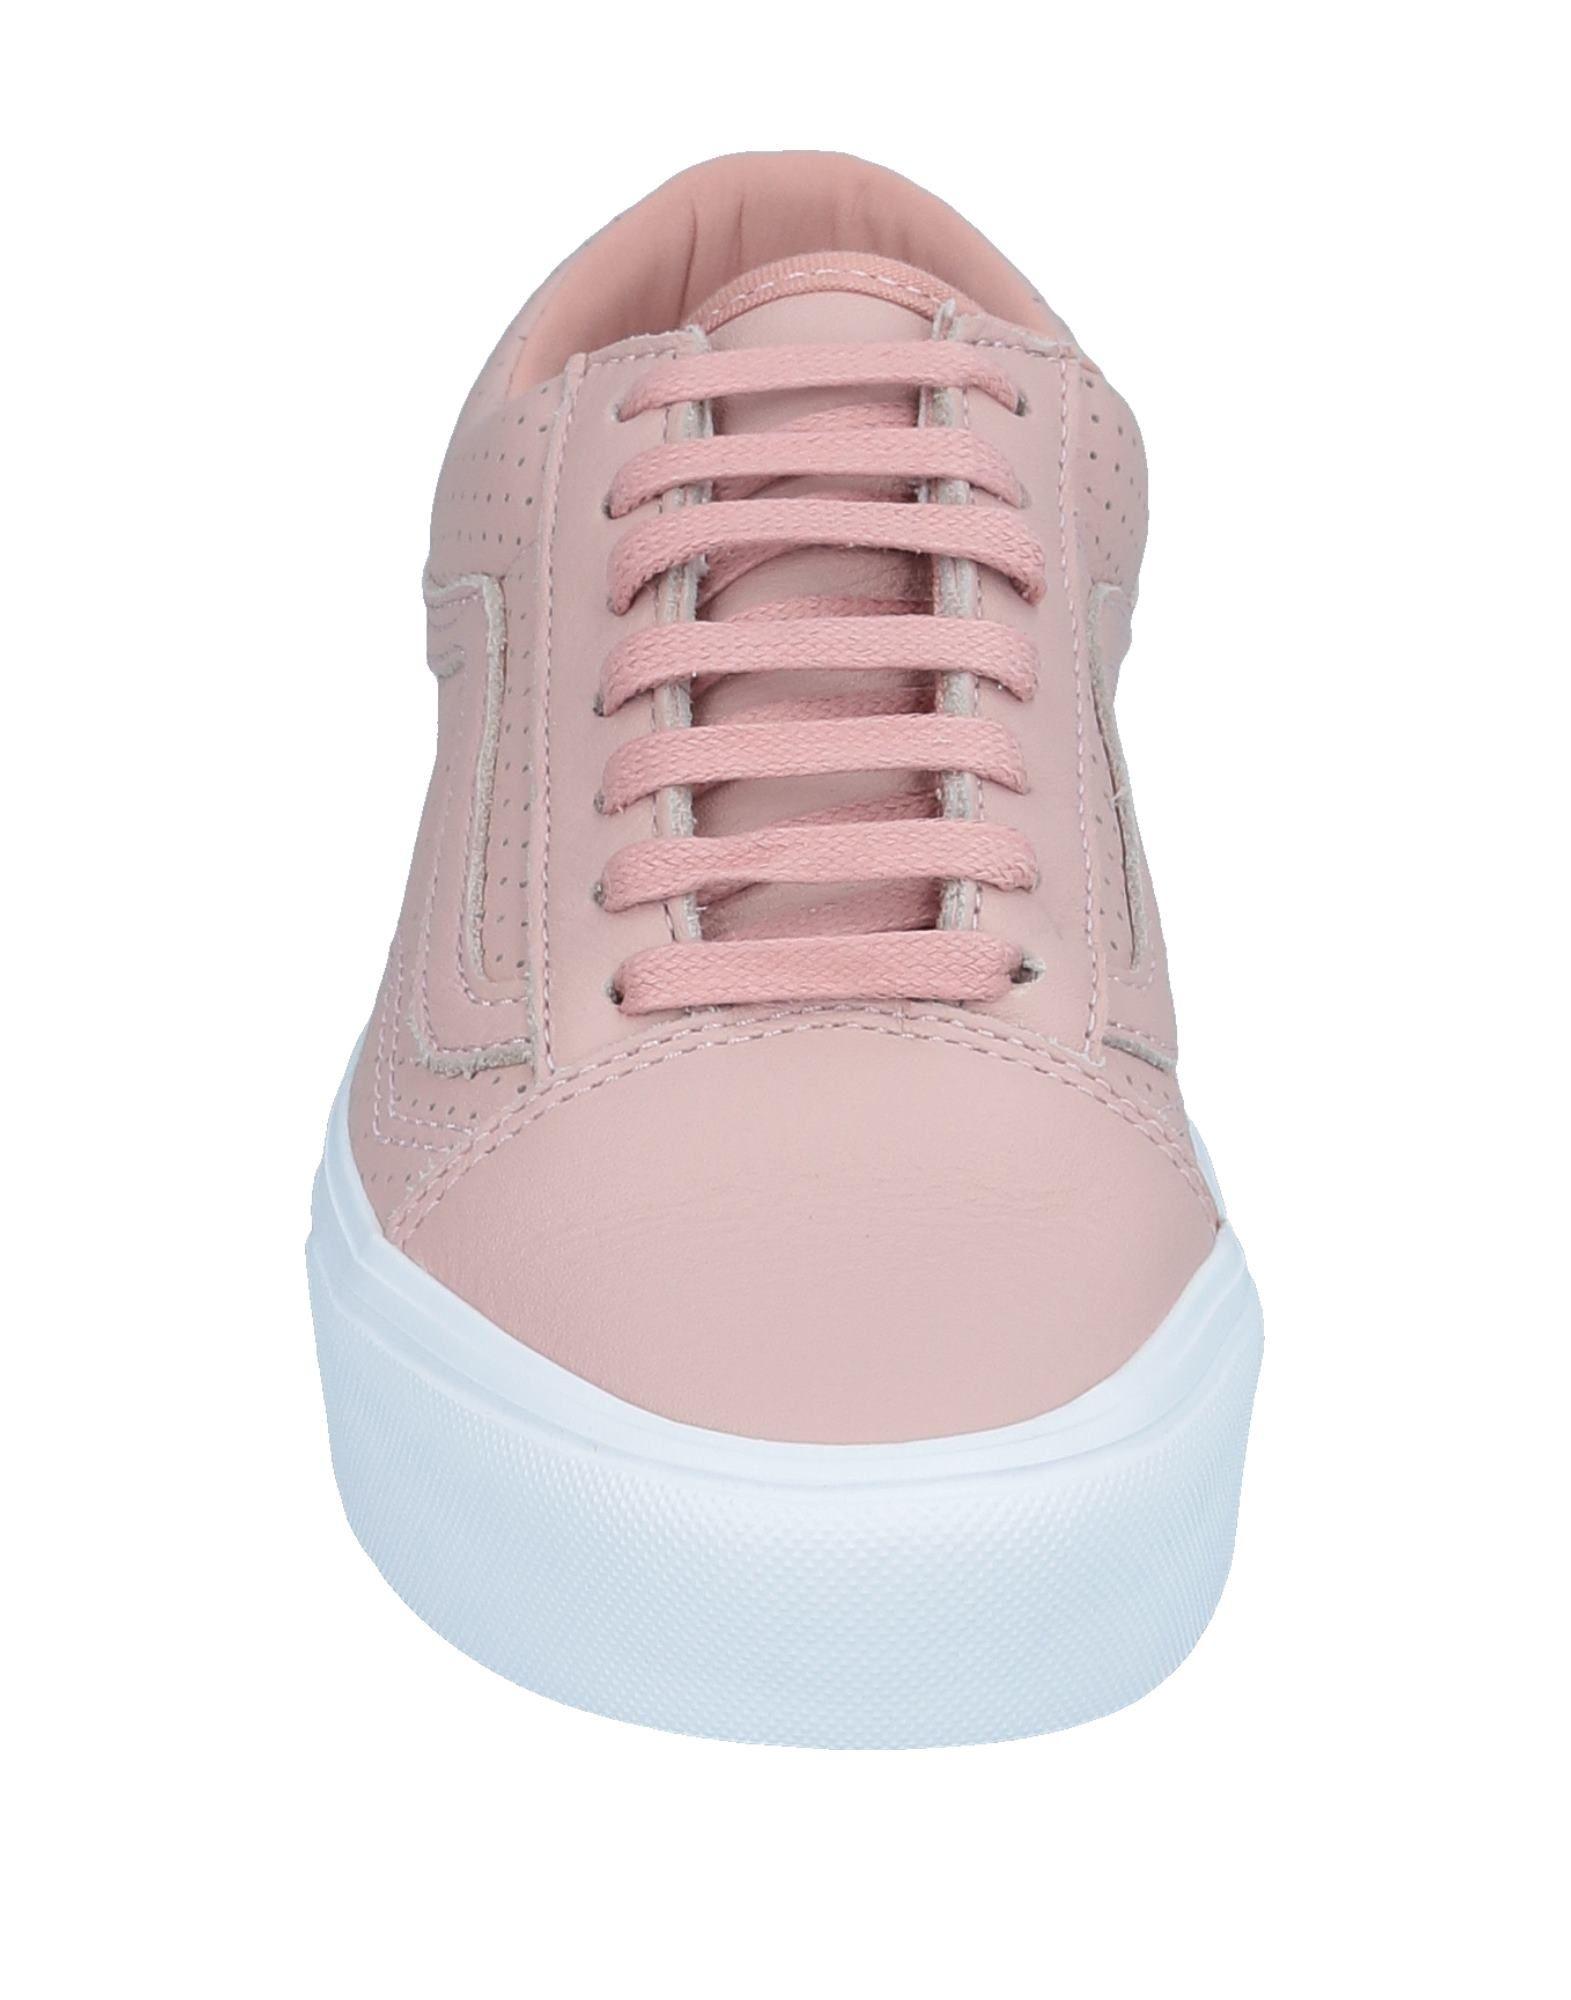 Vans Sneakers - Women Vans Sneakers online on  United United United Kingdom - 11576315BG ce2125